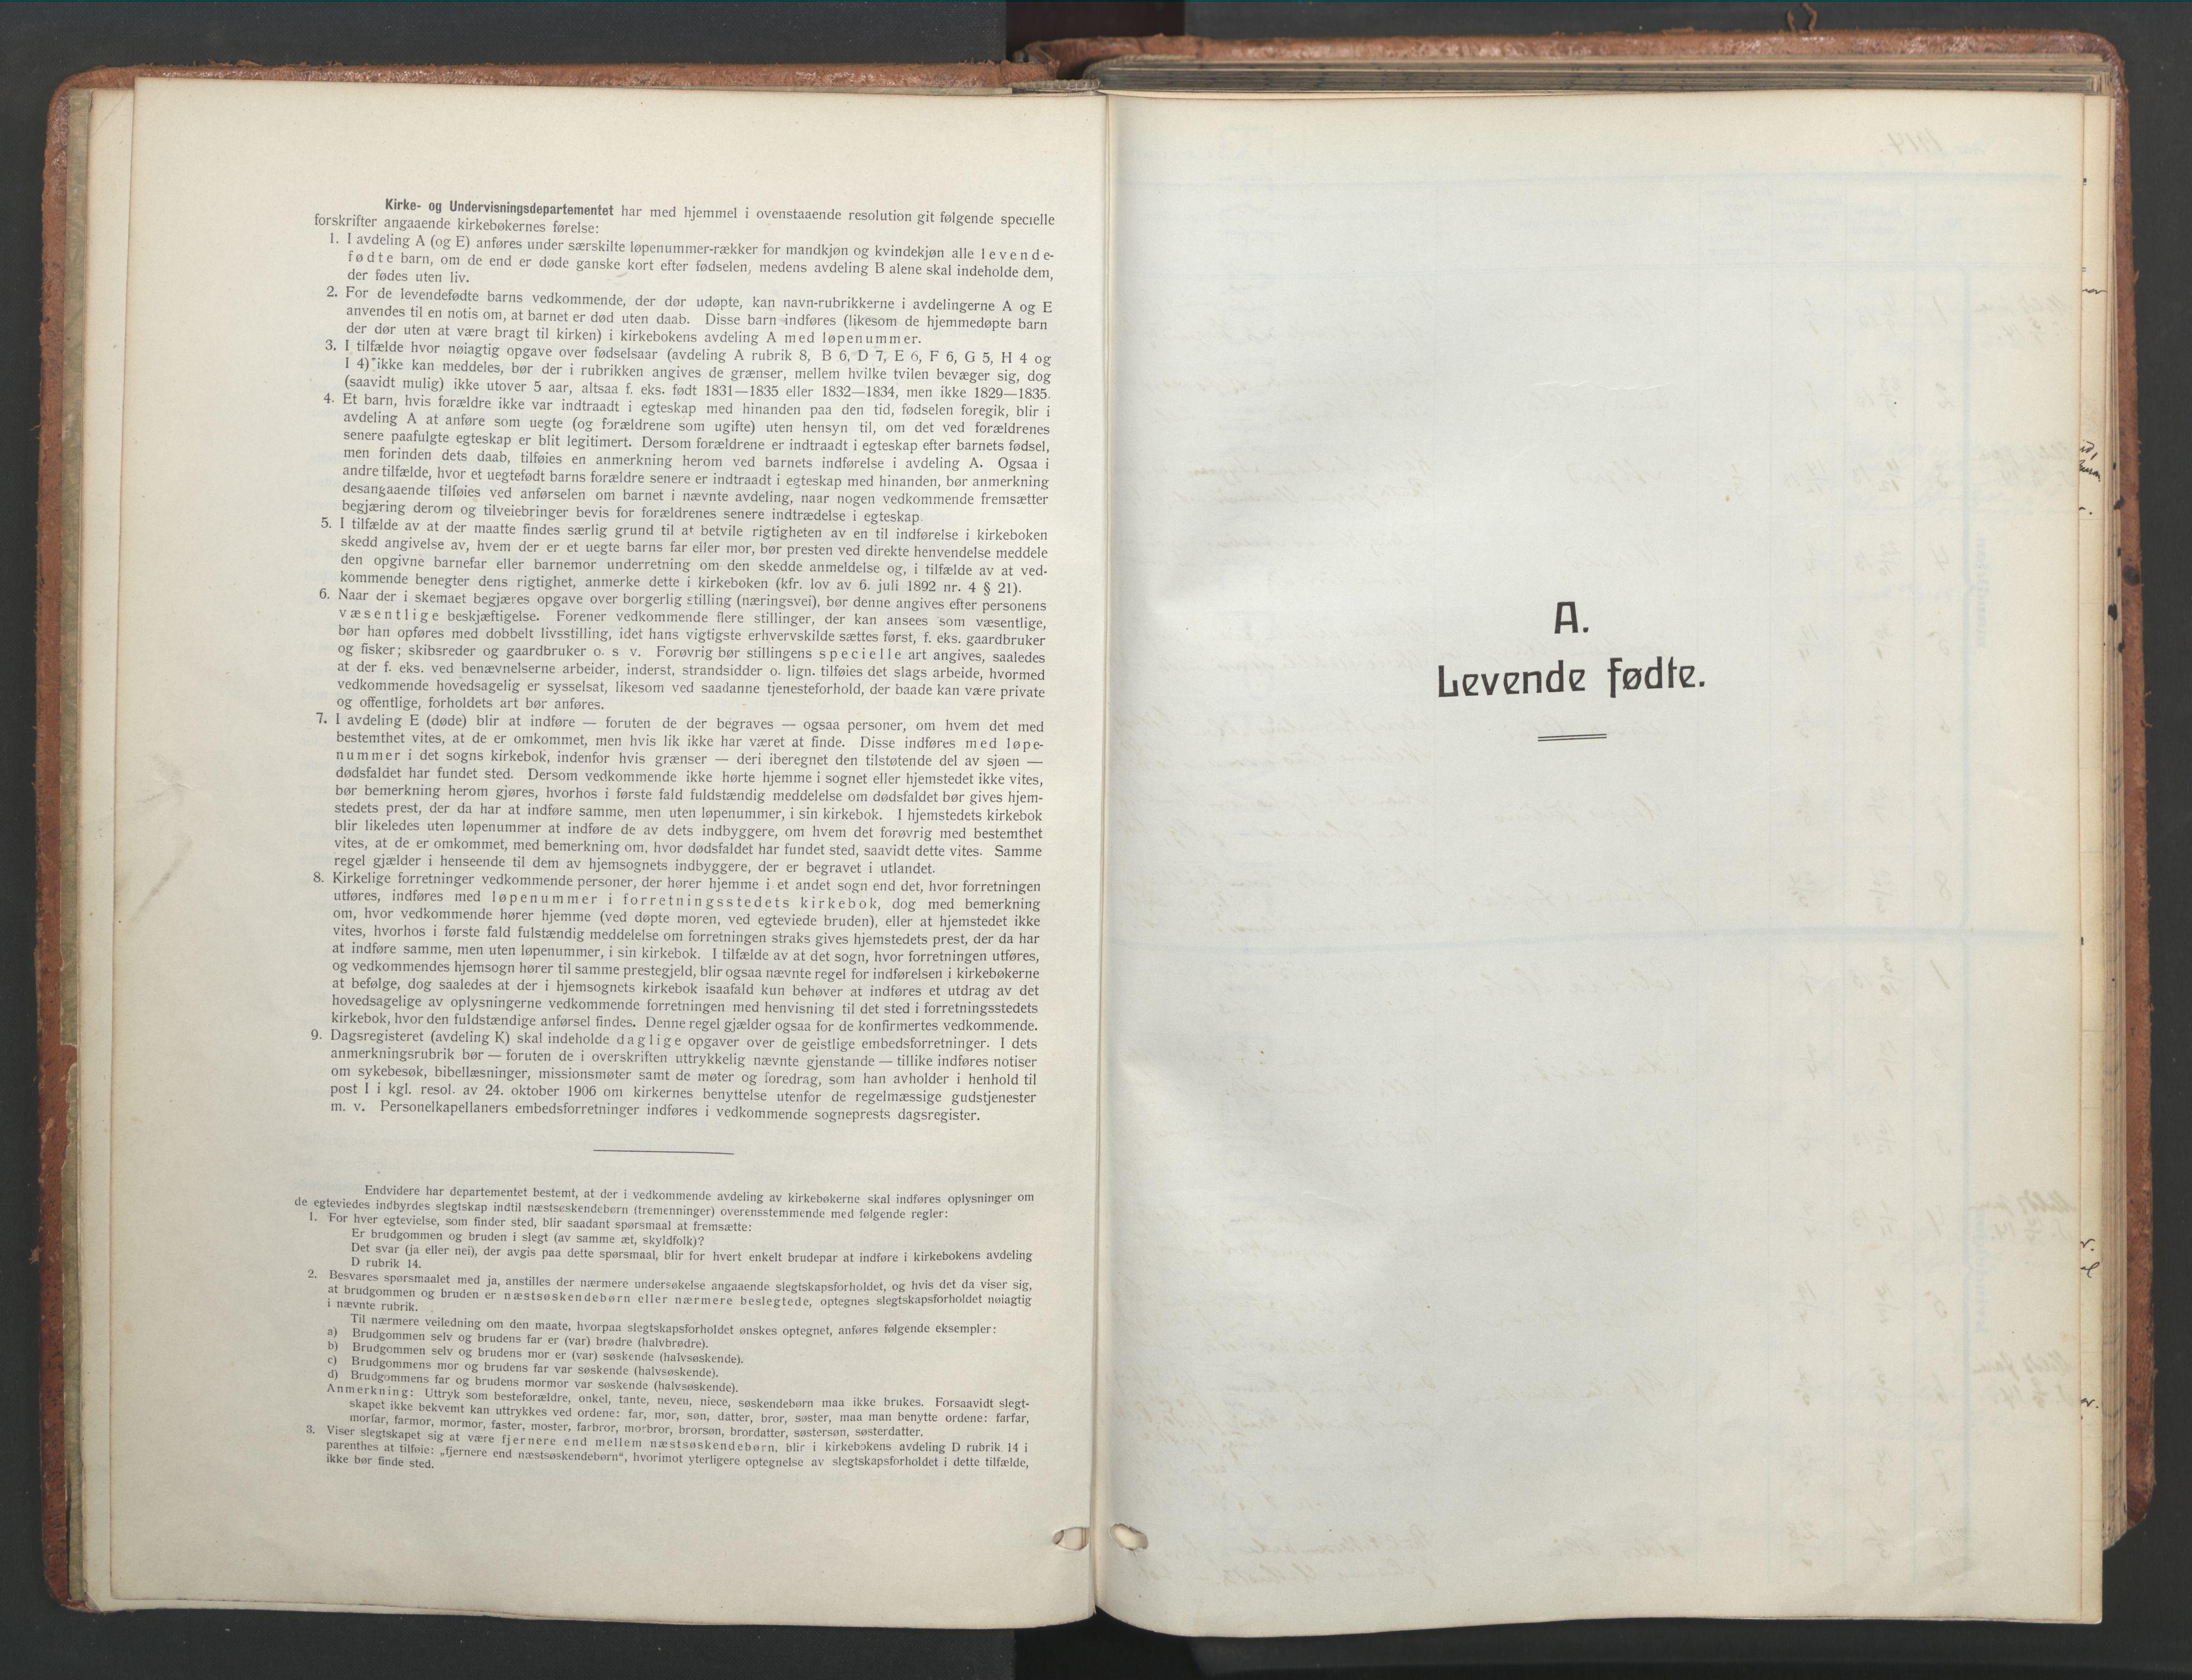 SAT, Ministerialprotokoller, klokkerbøker og fødselsregistre - Sør-Trøndelag, 656/L0694: Ministerialbok nr. 656A03, 1914-1931